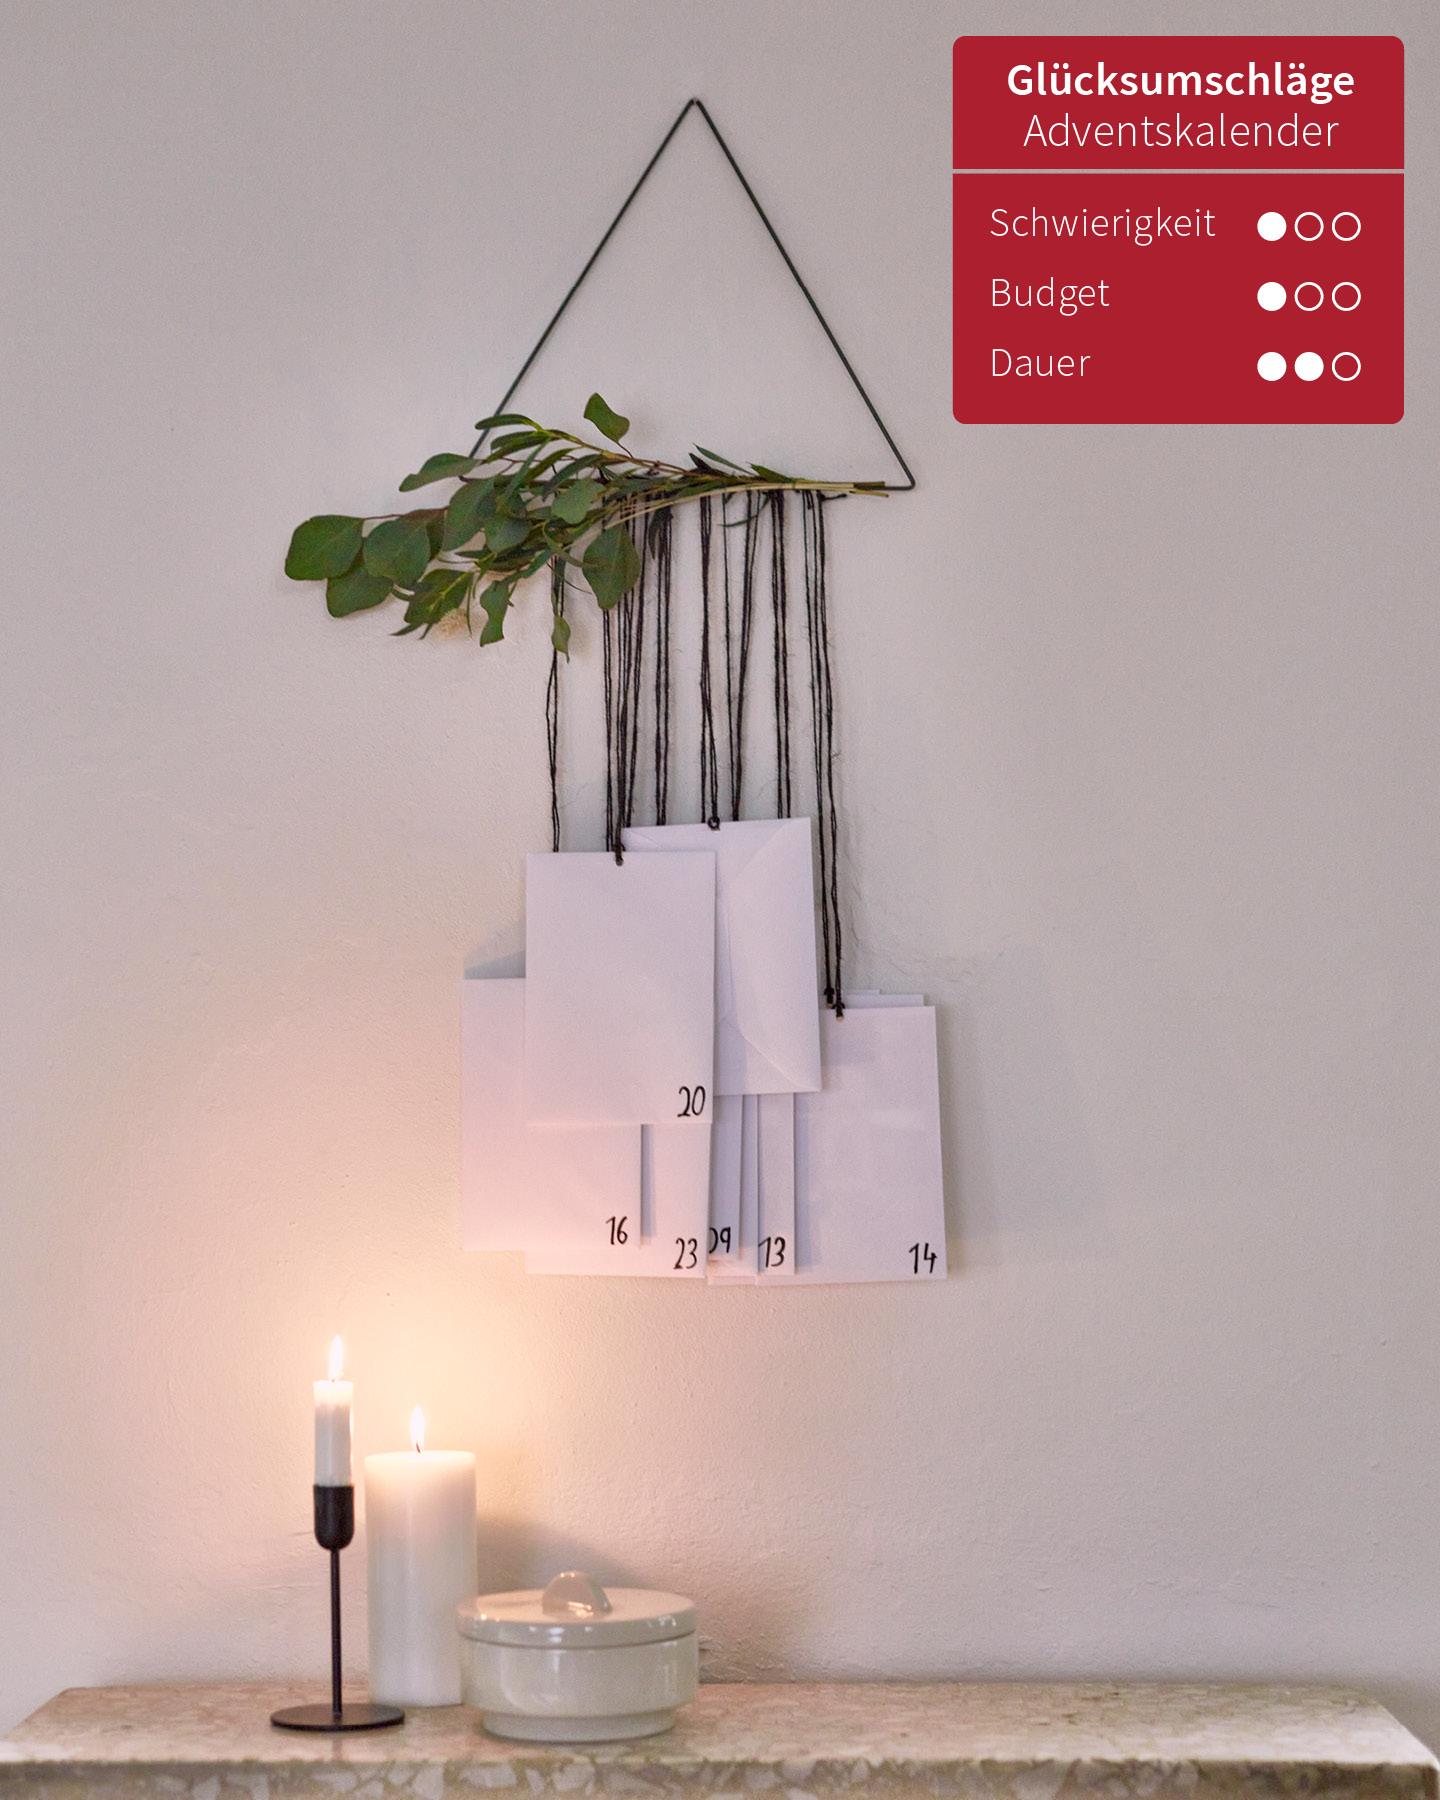 Selbstgemachter Adventskalender mit Umschlägen, die an einem Metalldreieck befestigt sind, hängt als Dekoelement an einer weißen Wand.